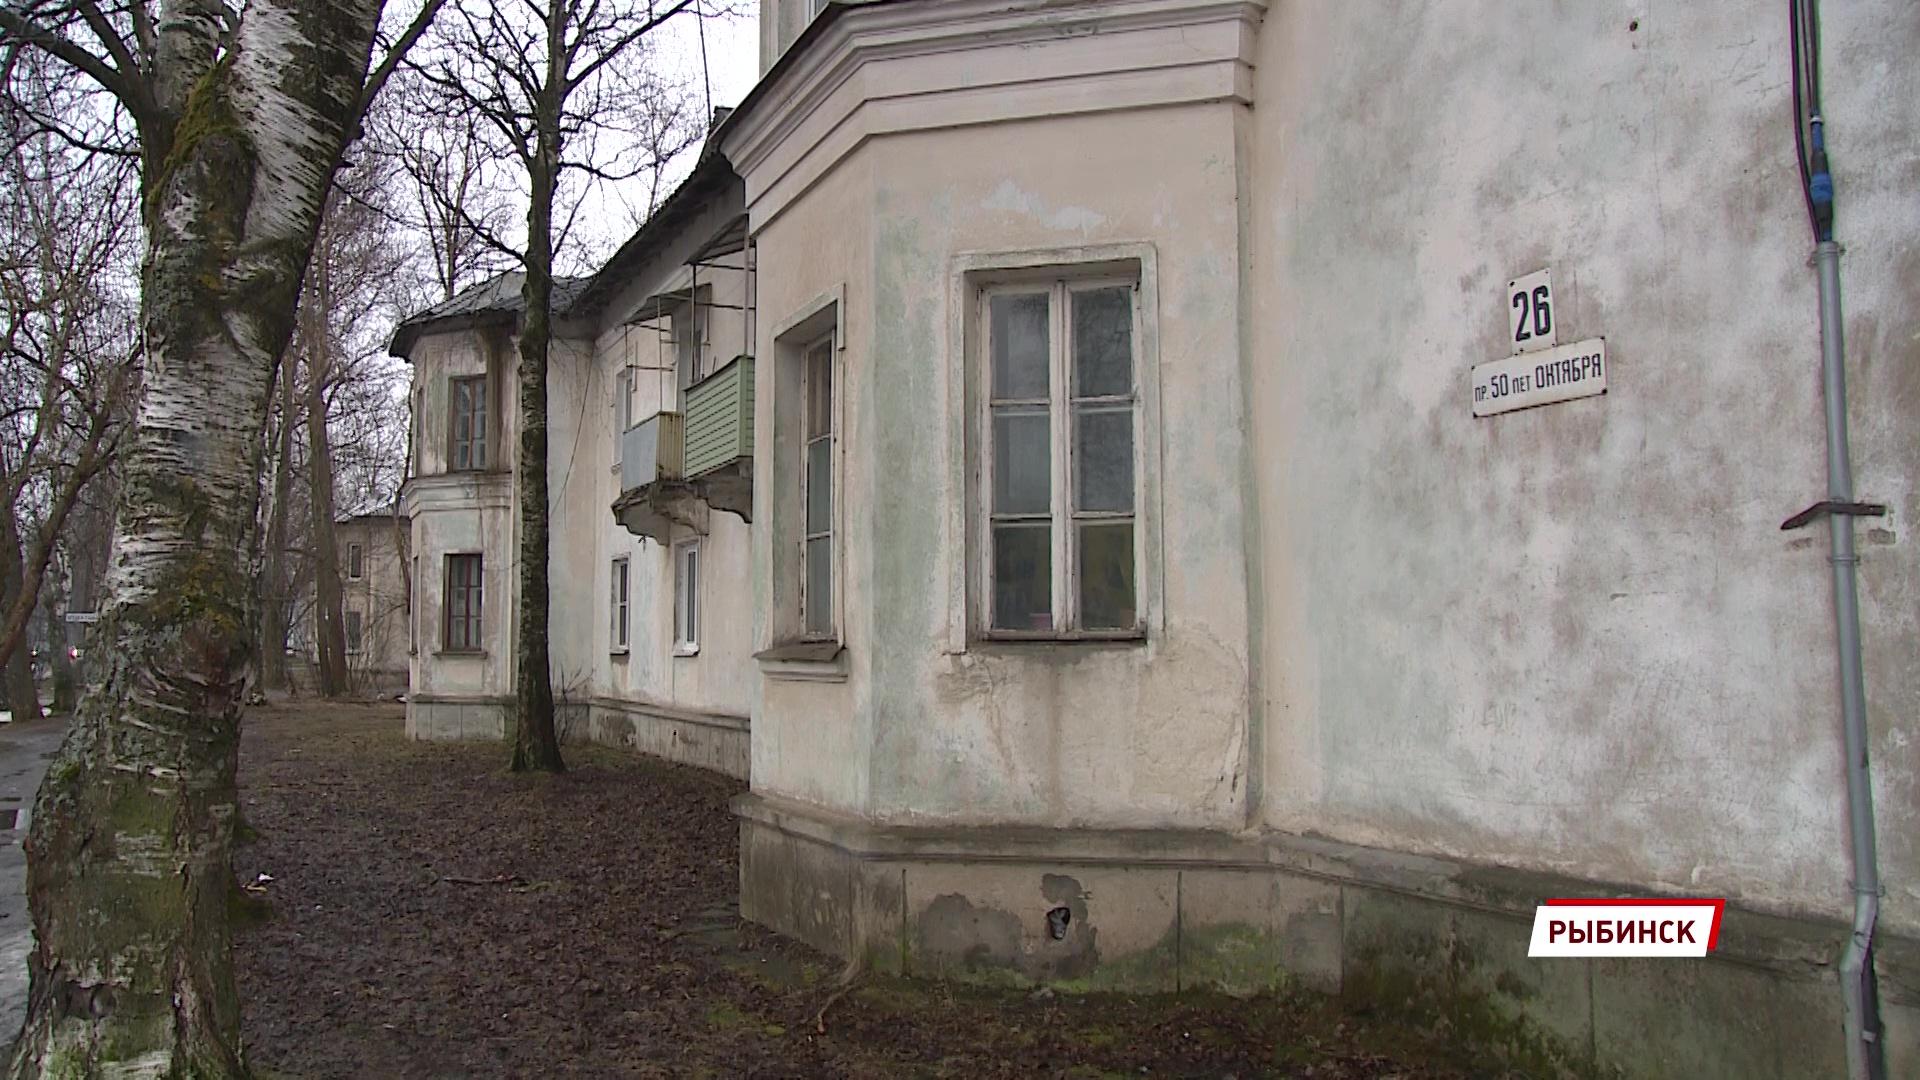 Жильцы дома в Рыбинске не могут полностью перейти на электроснабжение, потому что по документам у них есть газ